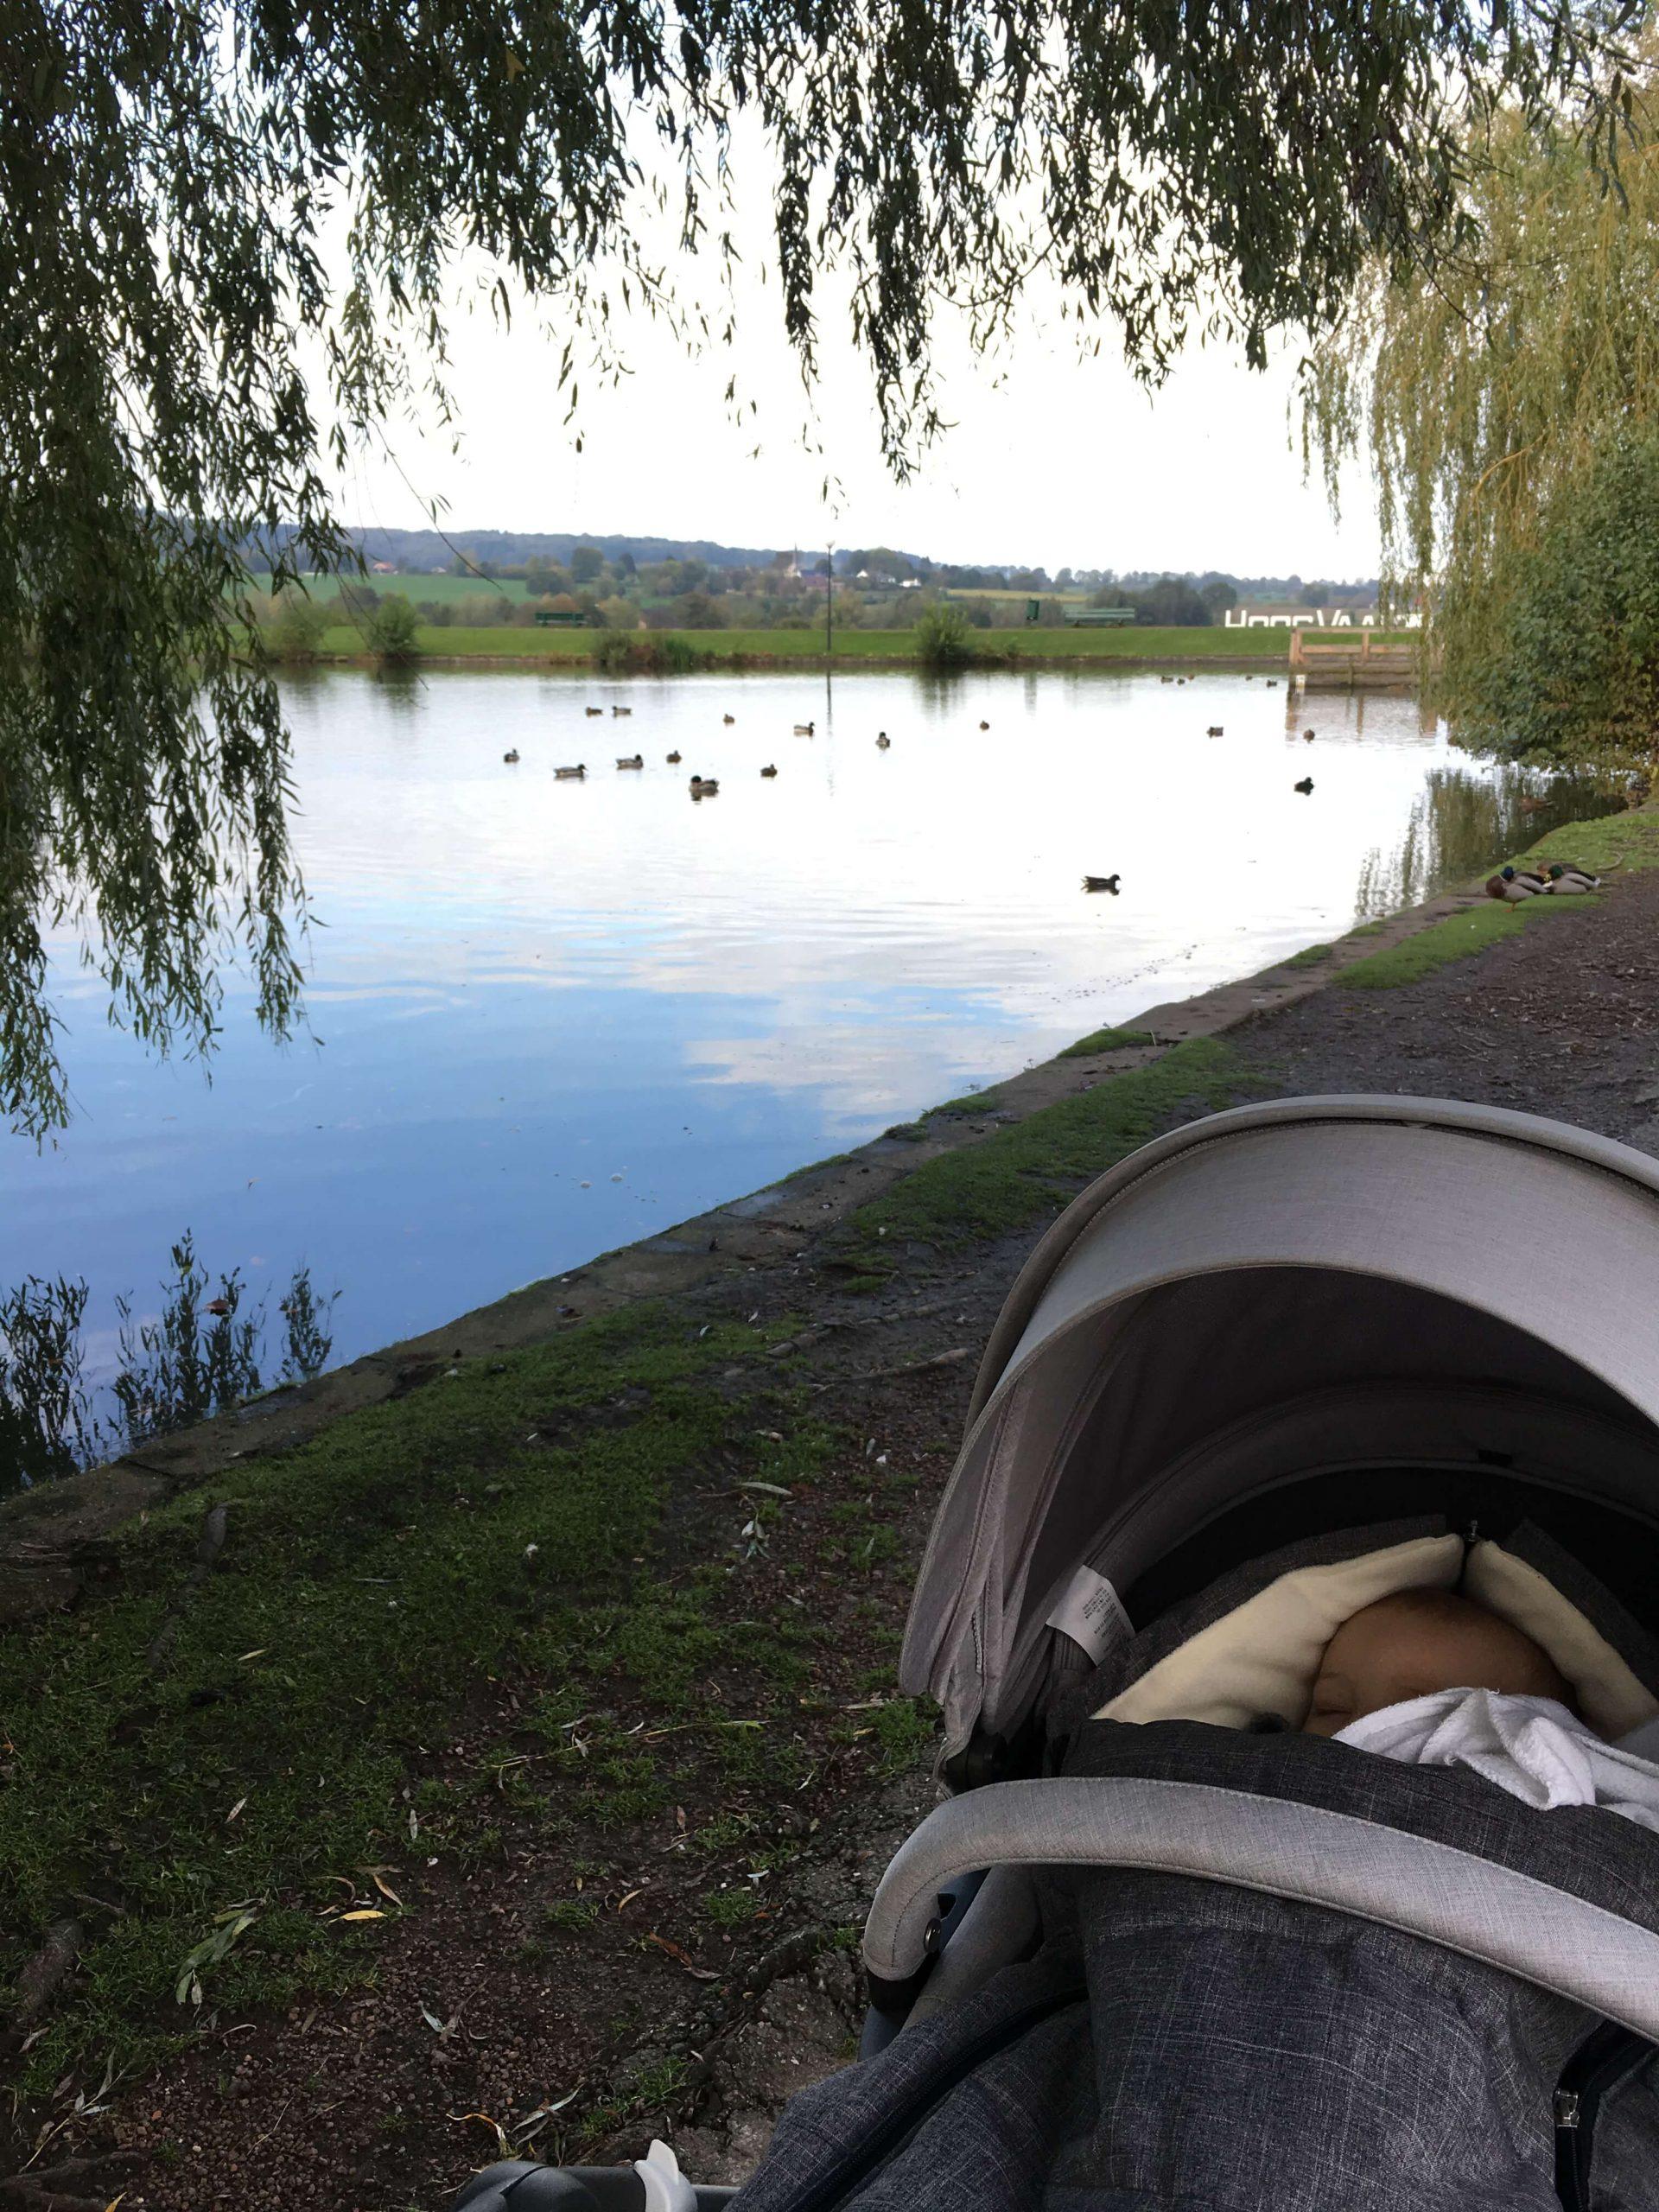 IMG 2381 - Wij gingen naar Landal Hoog Vaals, genieten van de natuur